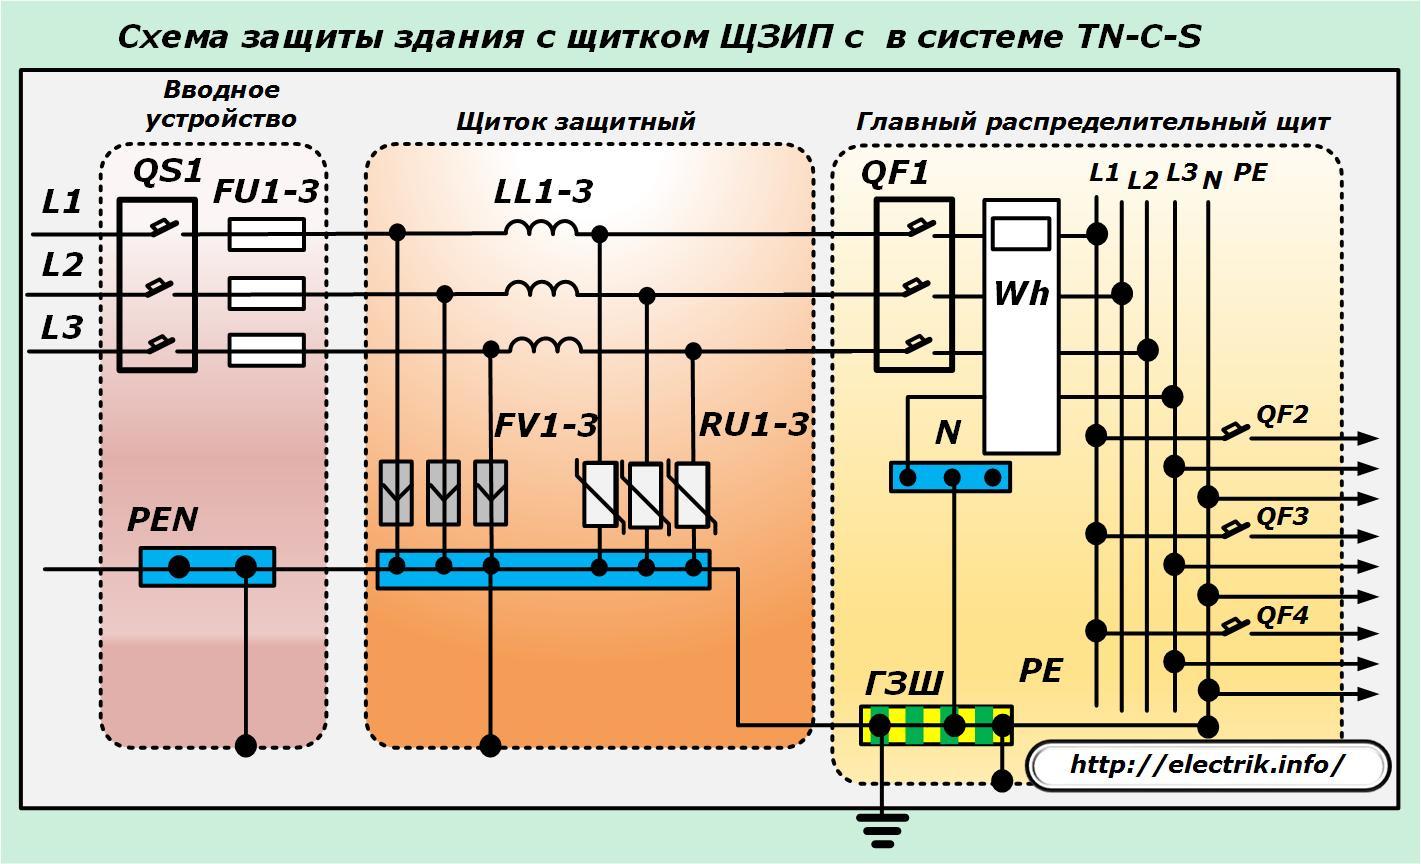 Сборка щита учета с узип и узо, заземление tn-c-s